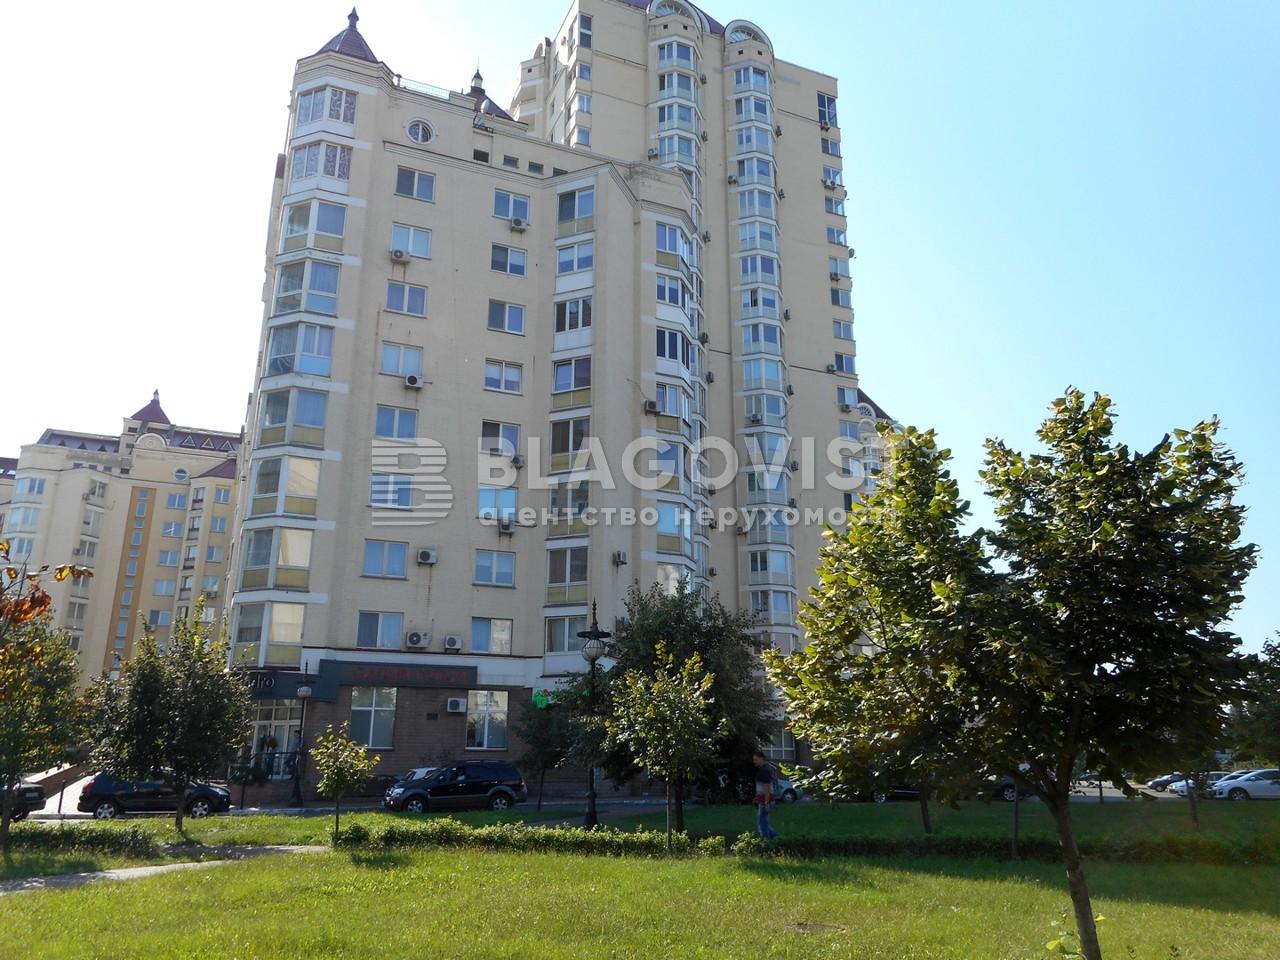 Квартира A-107942, Героїв Сталінграду просп., 24, Київ - Фото 3